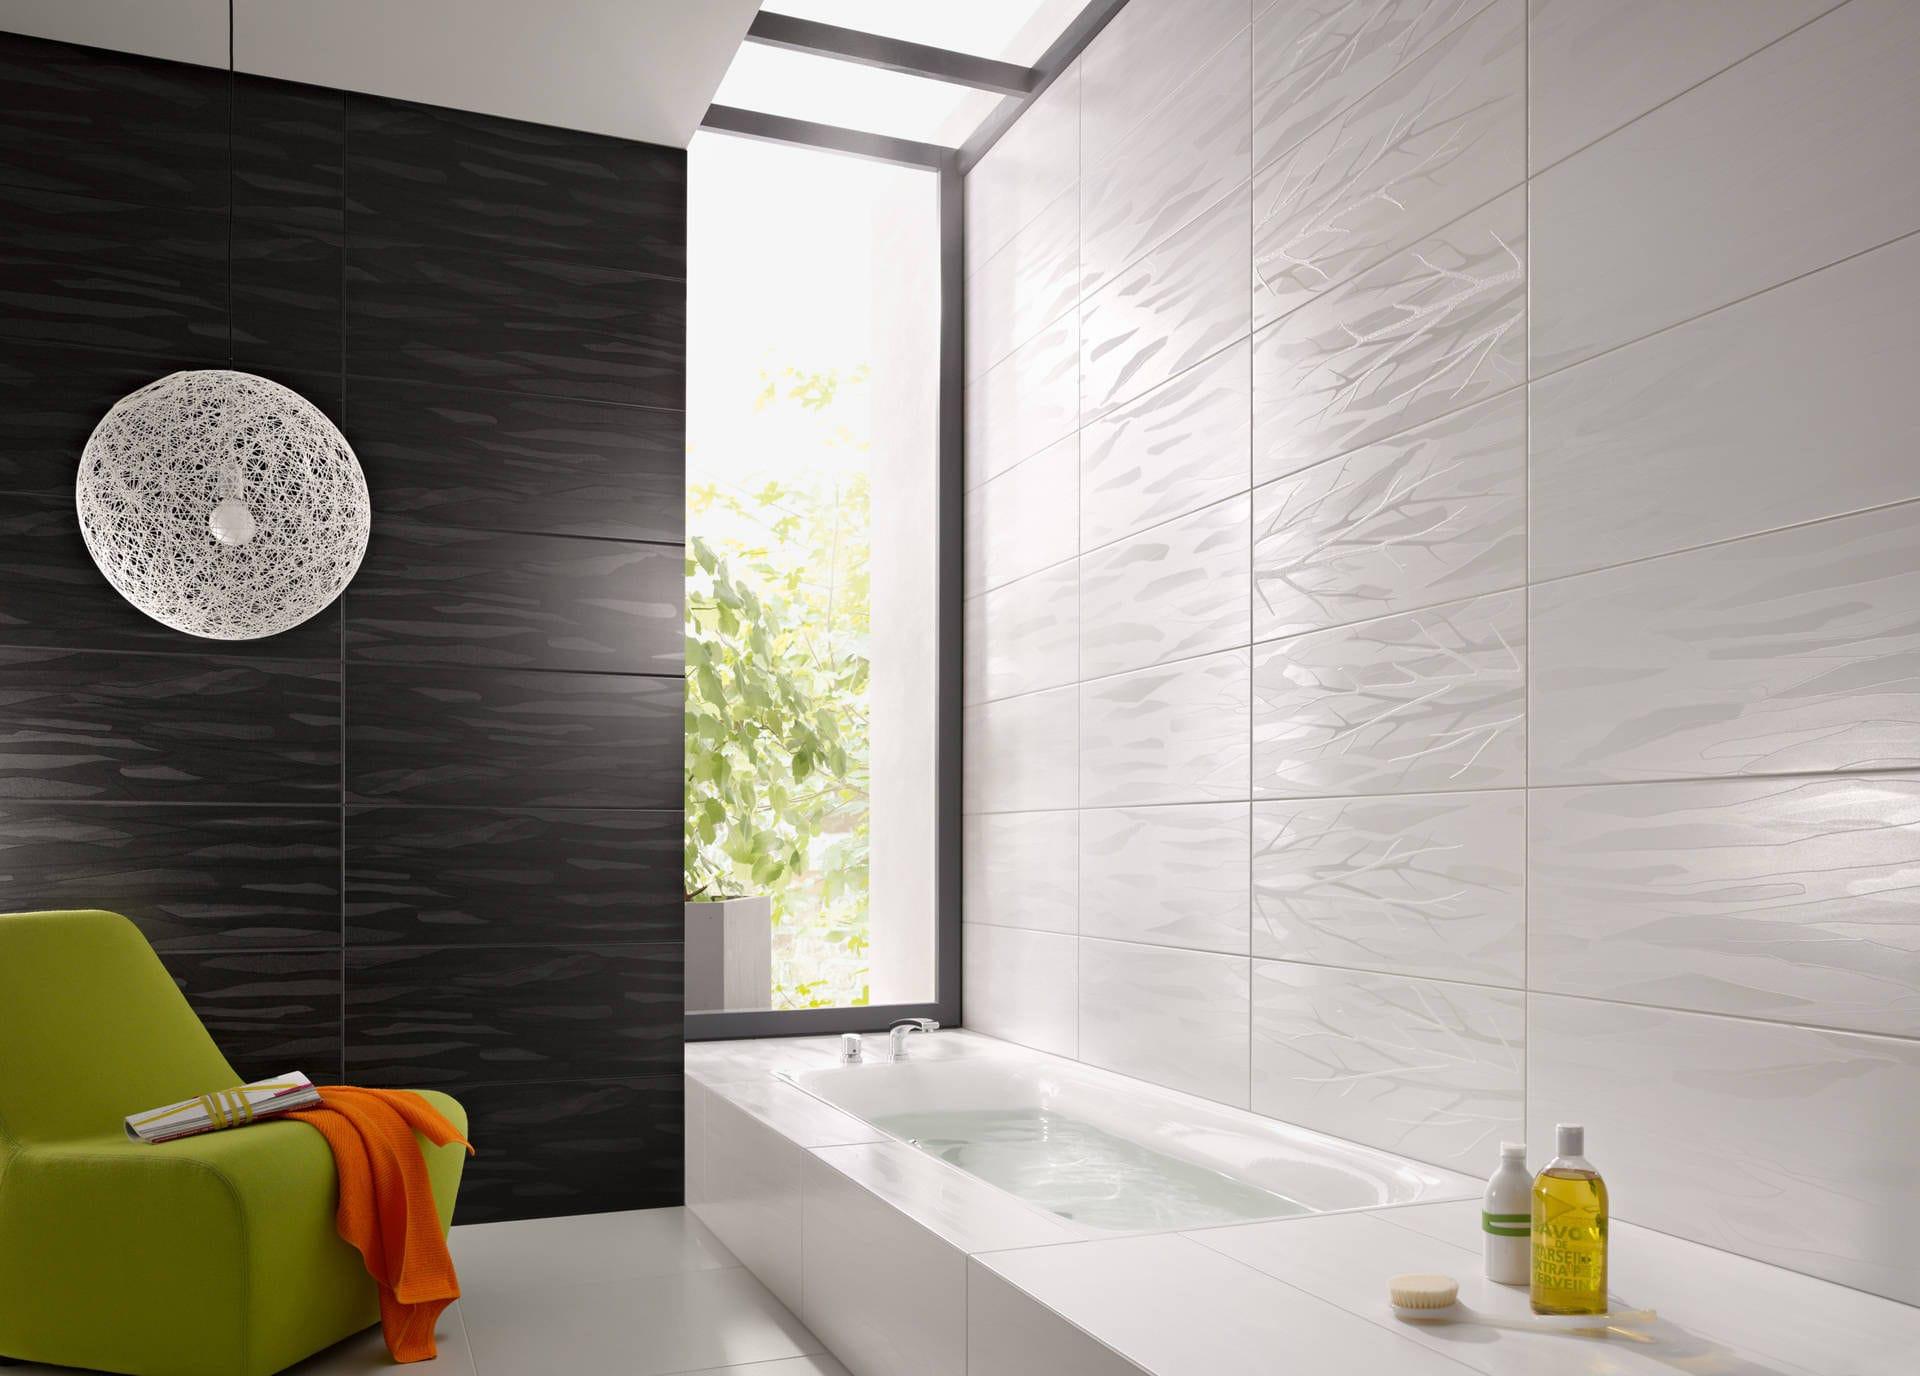 carrelage d intà rieur de salle de bain mural en gràs silk